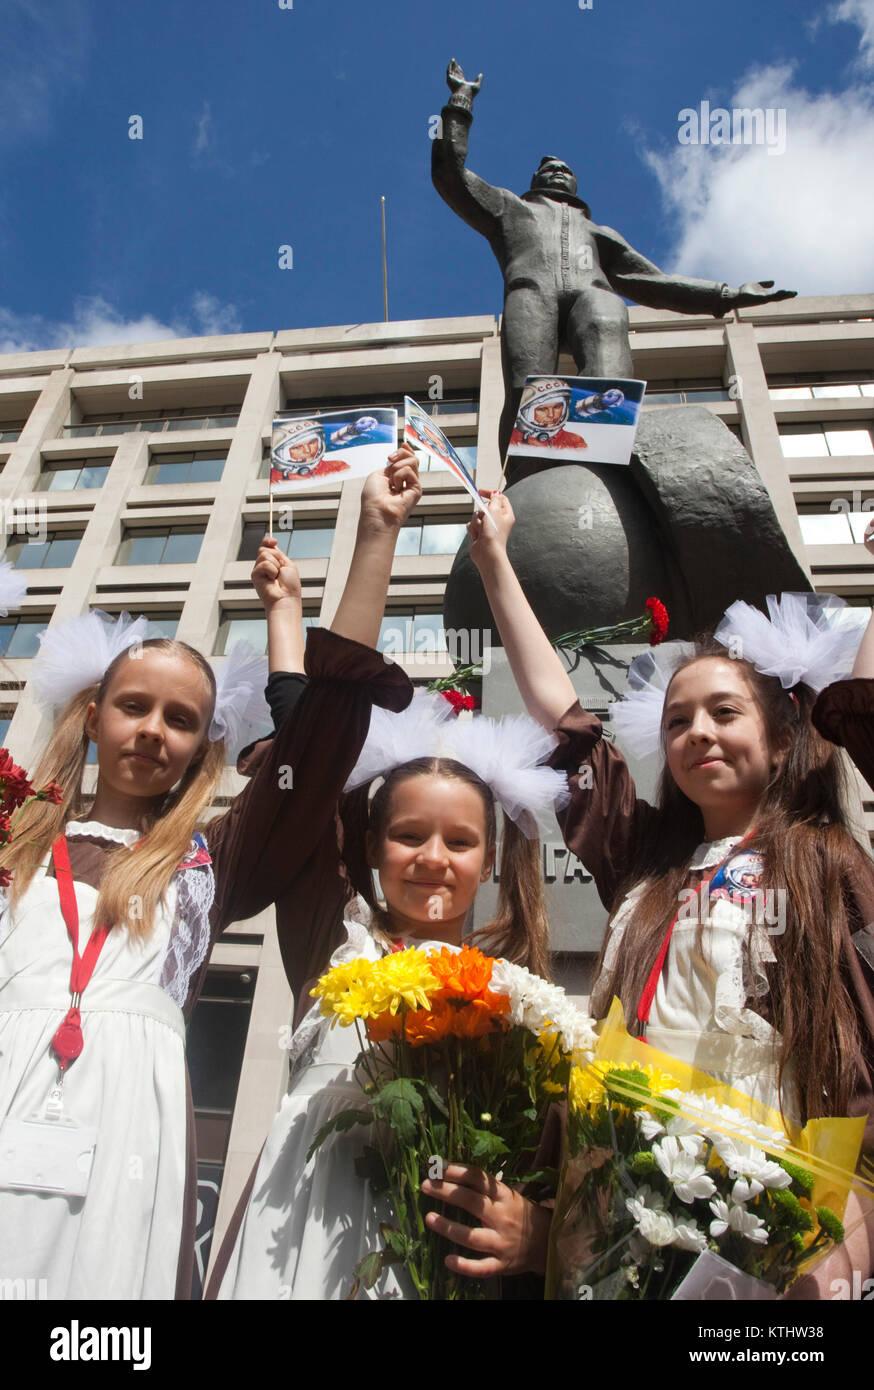 Las alumnas de la Escuela Internacional de Teatro Ruso. Una estatua de Yuri Gagarin, el primer hombre en el espacio, se reveló hoy fuera del British Council de Londres HQ en el Mall para conmemorar el 50º aniversario del primer vuelo espacial tripulado. Hoy, 14 de julio de 2011, exactamente 50 años después del día en que Gagarin se reunió la Reina como parte de su visita al Reino Unido en 1961. La inauguración de la estatua fue llevada a cabo por el cosmonauta de la hija Elena Gagarina, ahora director de los museos del Kremlin en Moscú Foto de stock